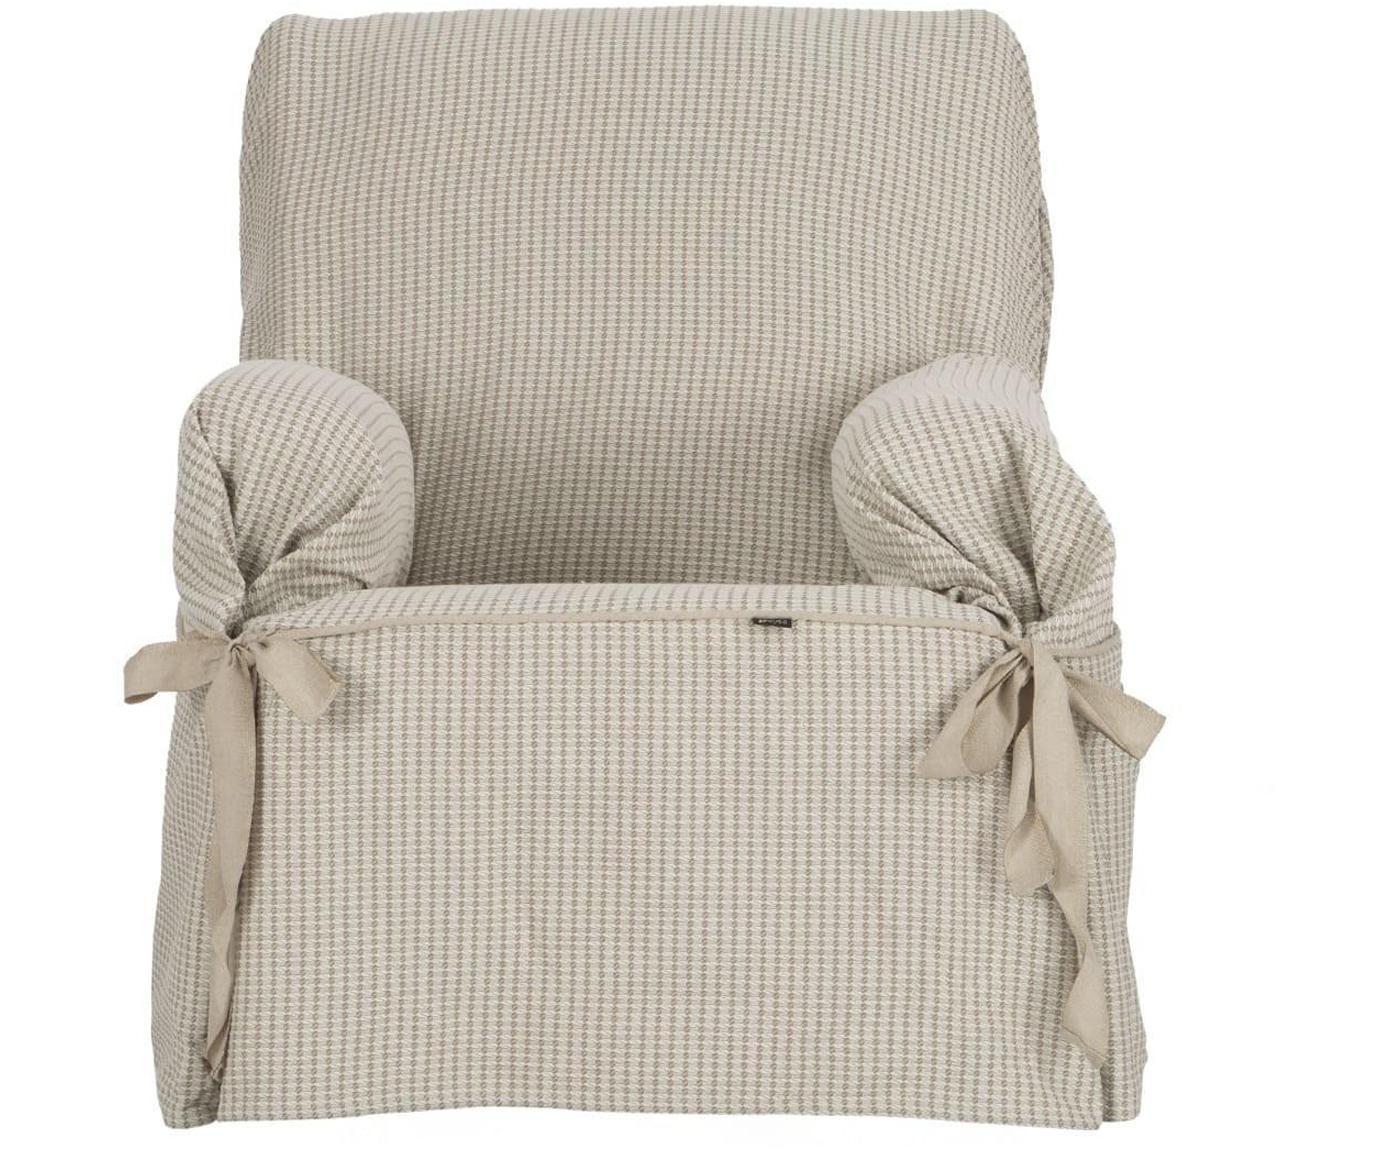 Funda de sillón Giovanna, Algodón sanforizado, Beige, crudo, An 120 x Al 110 cm